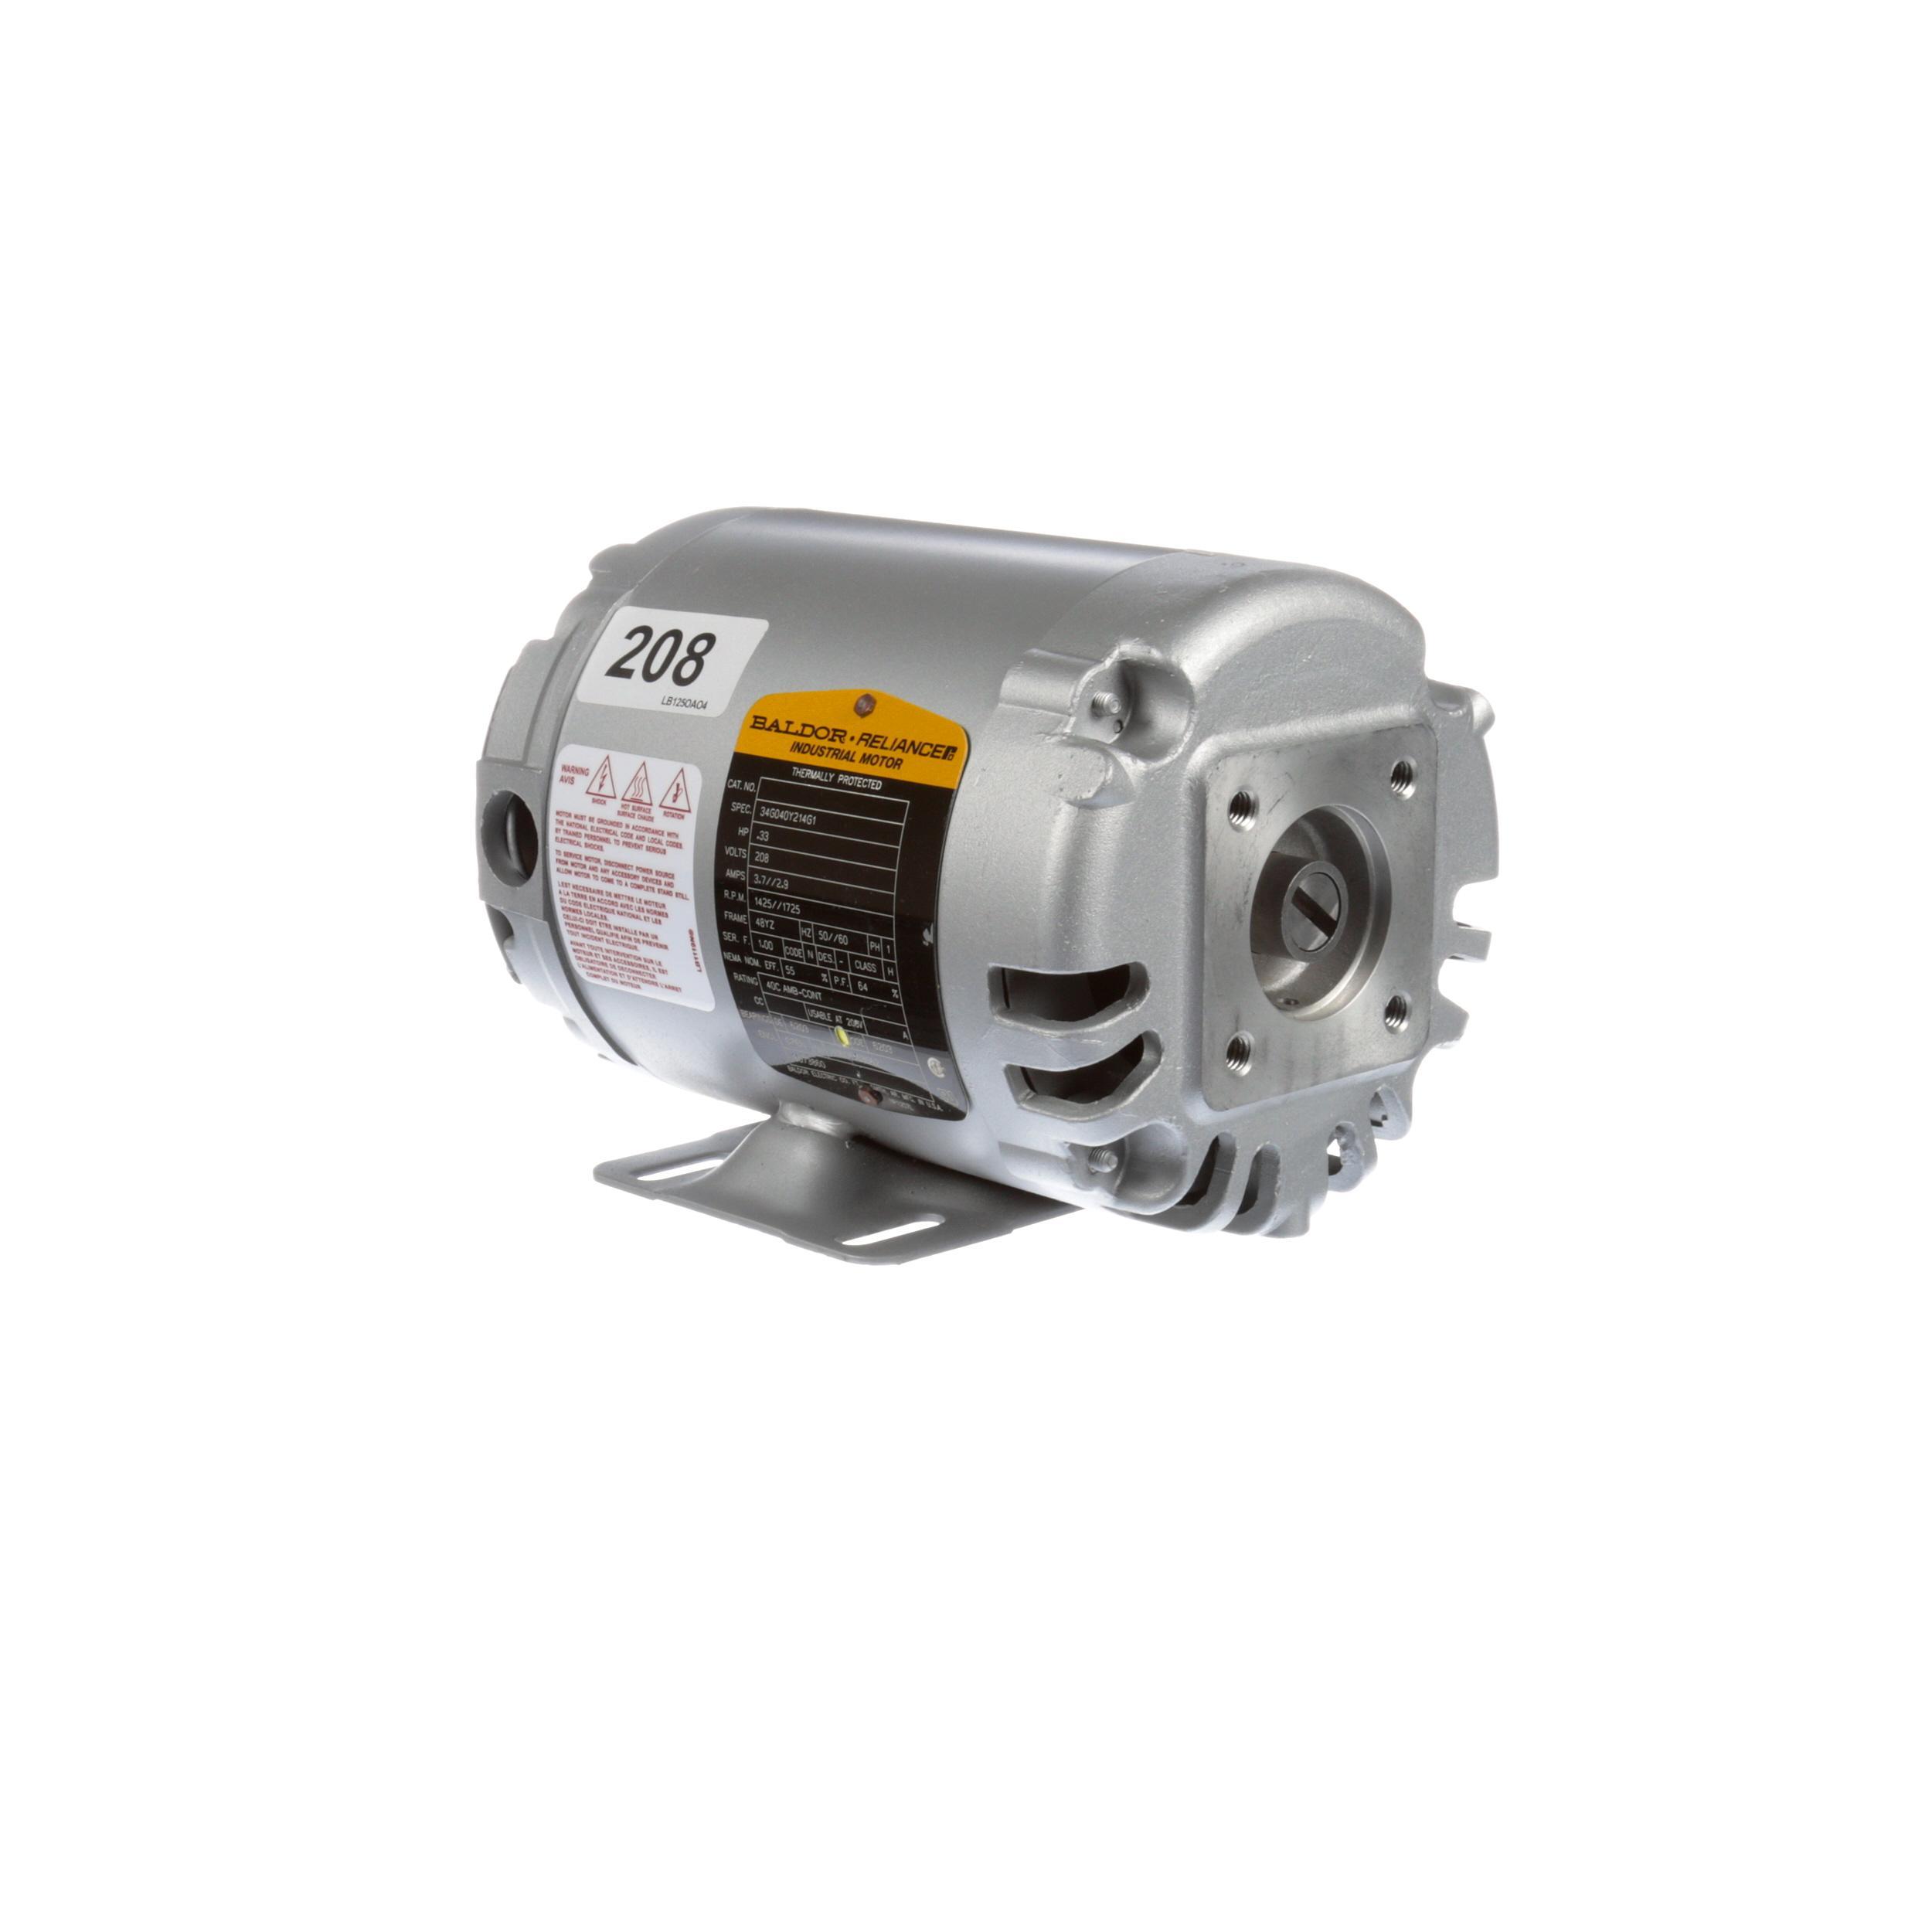 FRYMASTER KIT,MOTOR/GASKET 208V 50/60 HZ